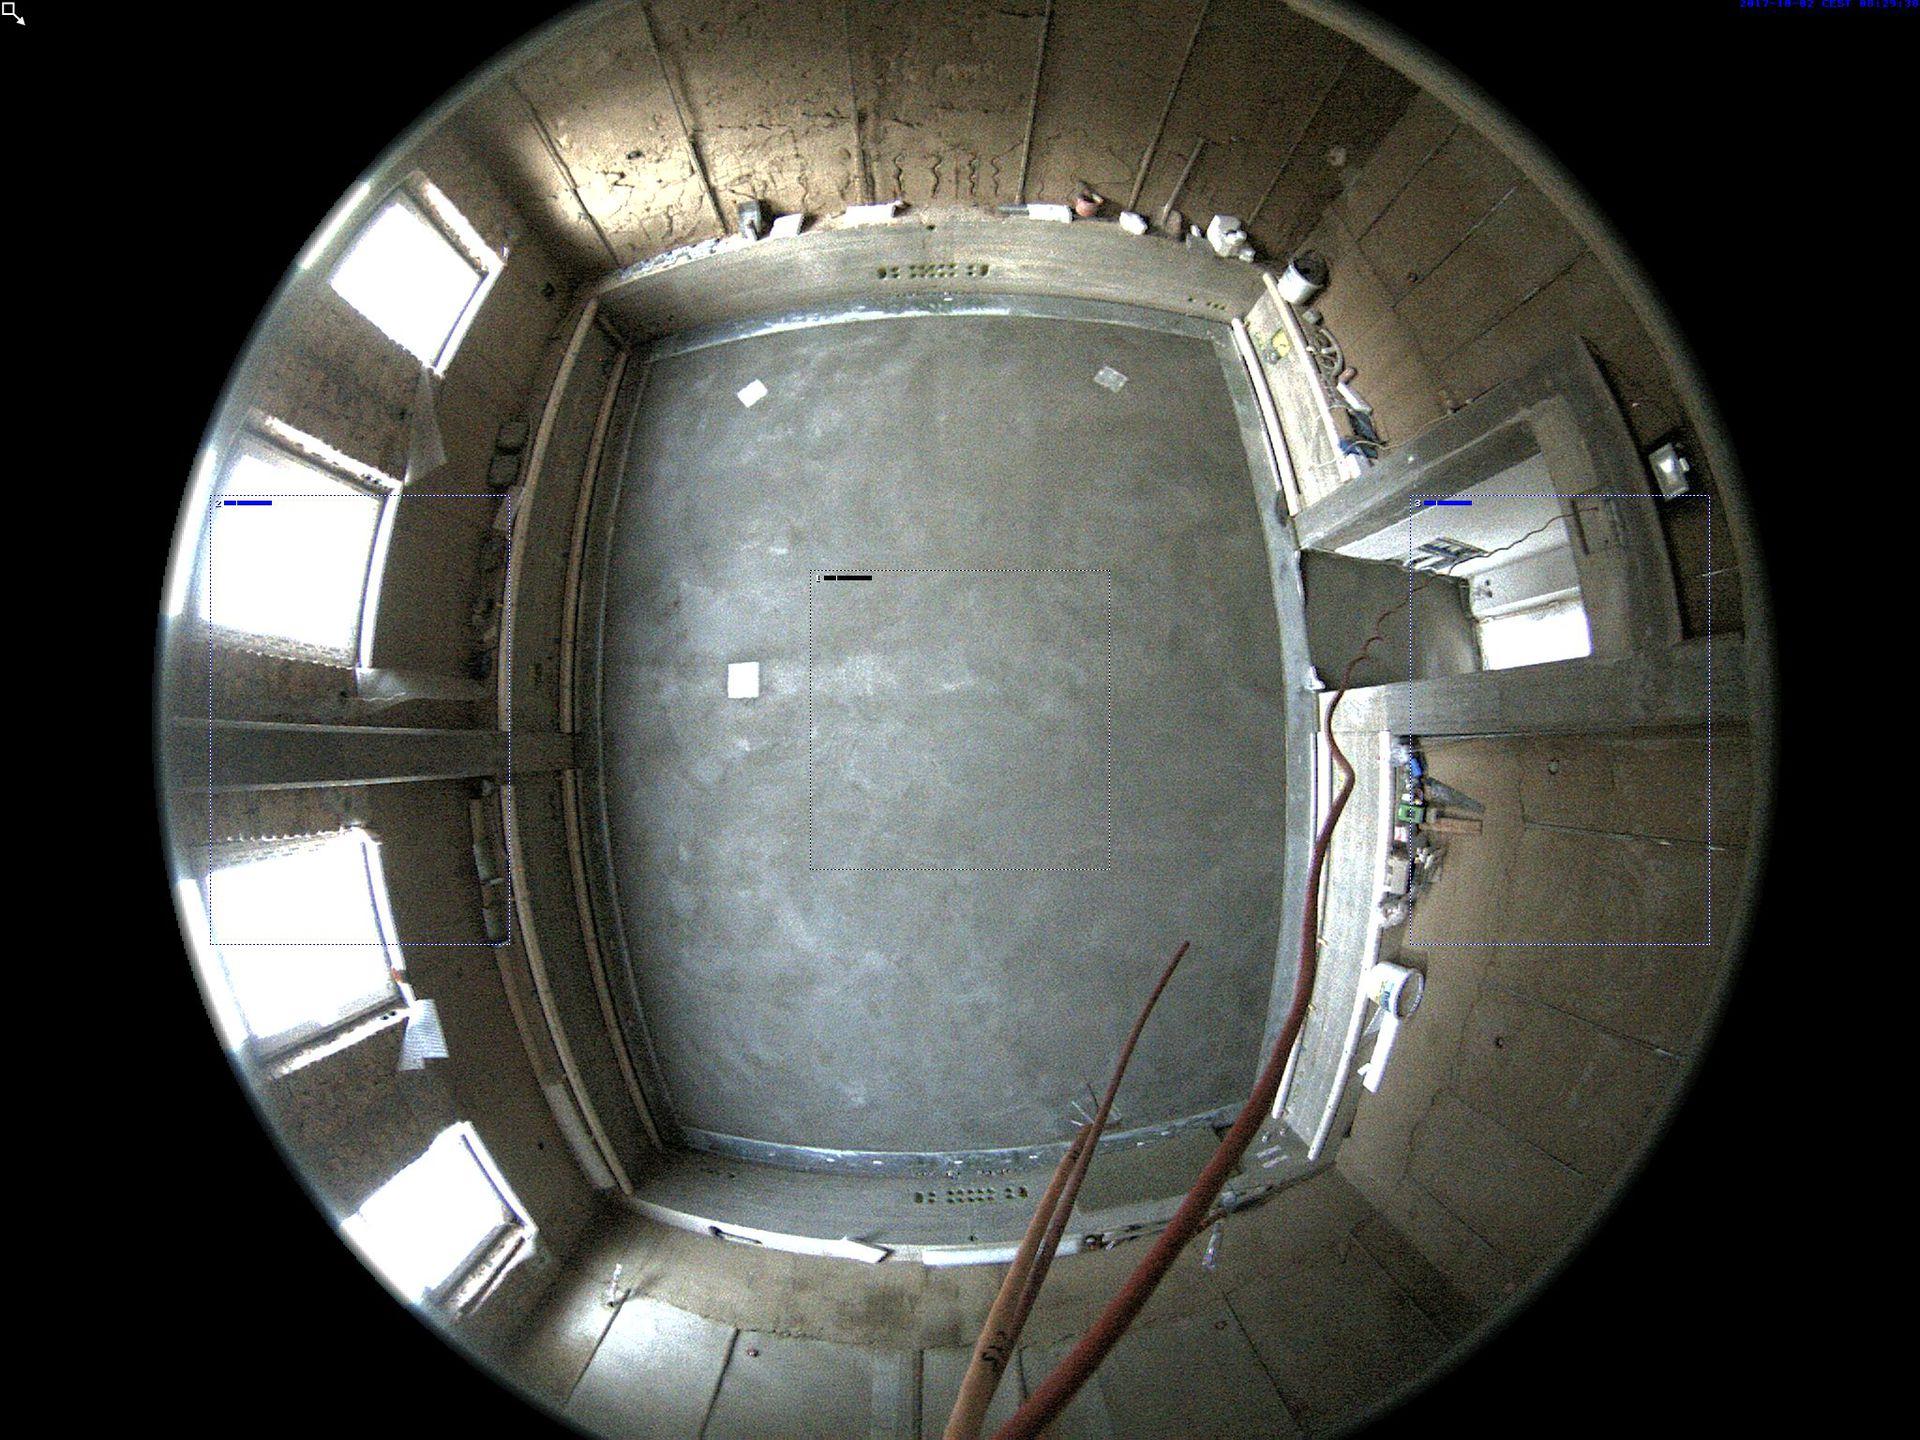 Fußboden Aus Estrich ~ Fußboden mit estrich akustik estrich fußboden hifi forum